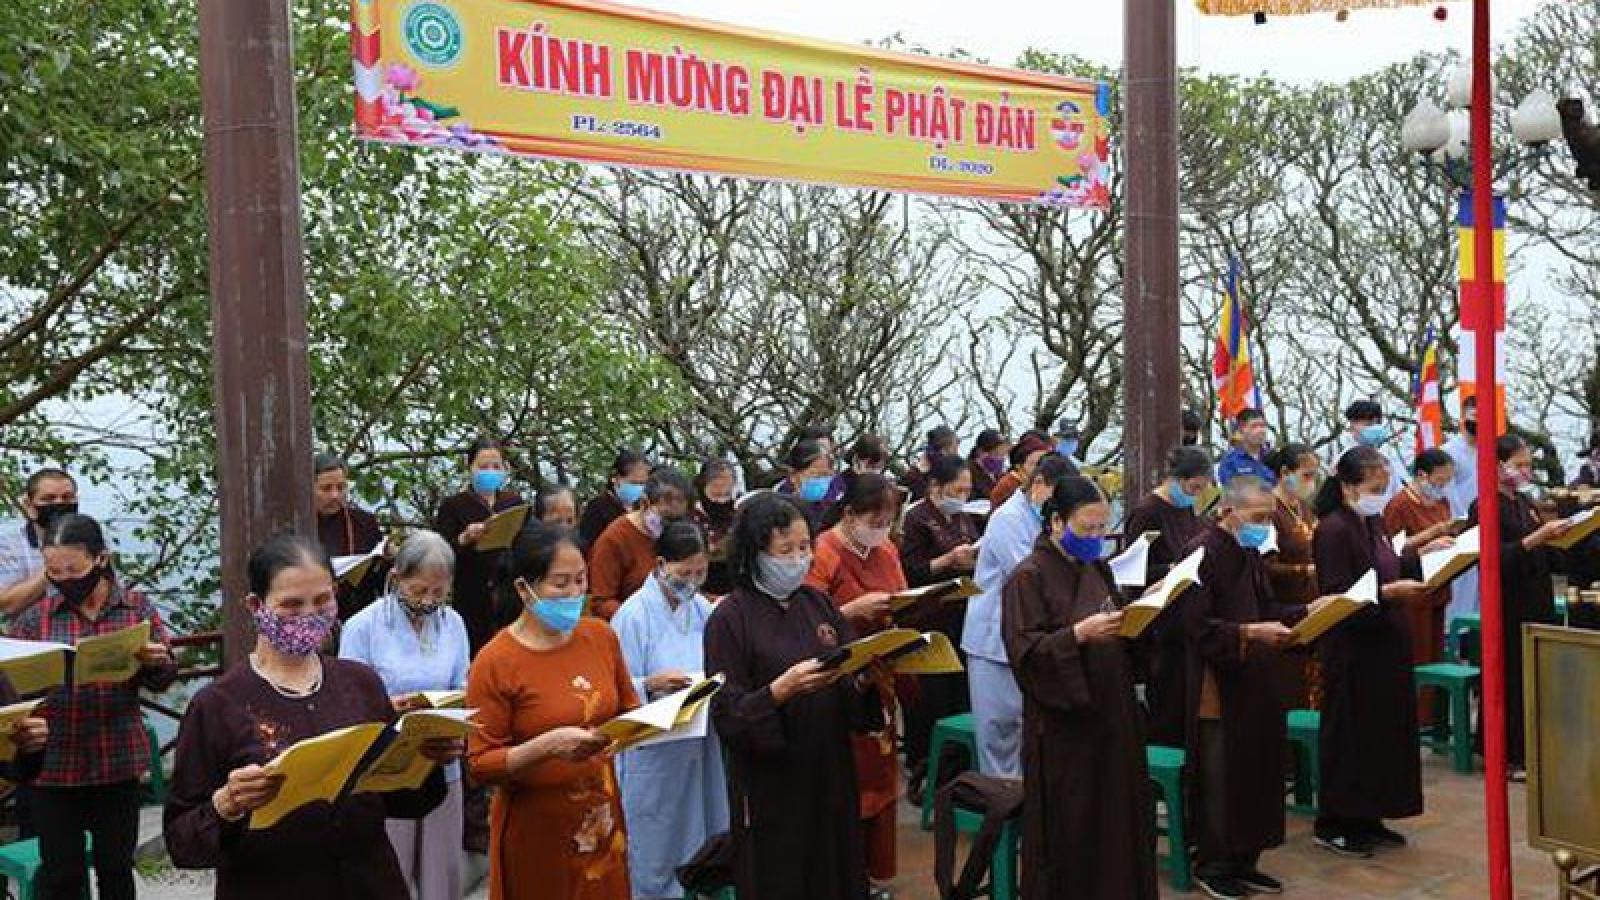 Tạm dừng tổ chức lễ hội, khóa tu... tập trung đông người ở các chùa